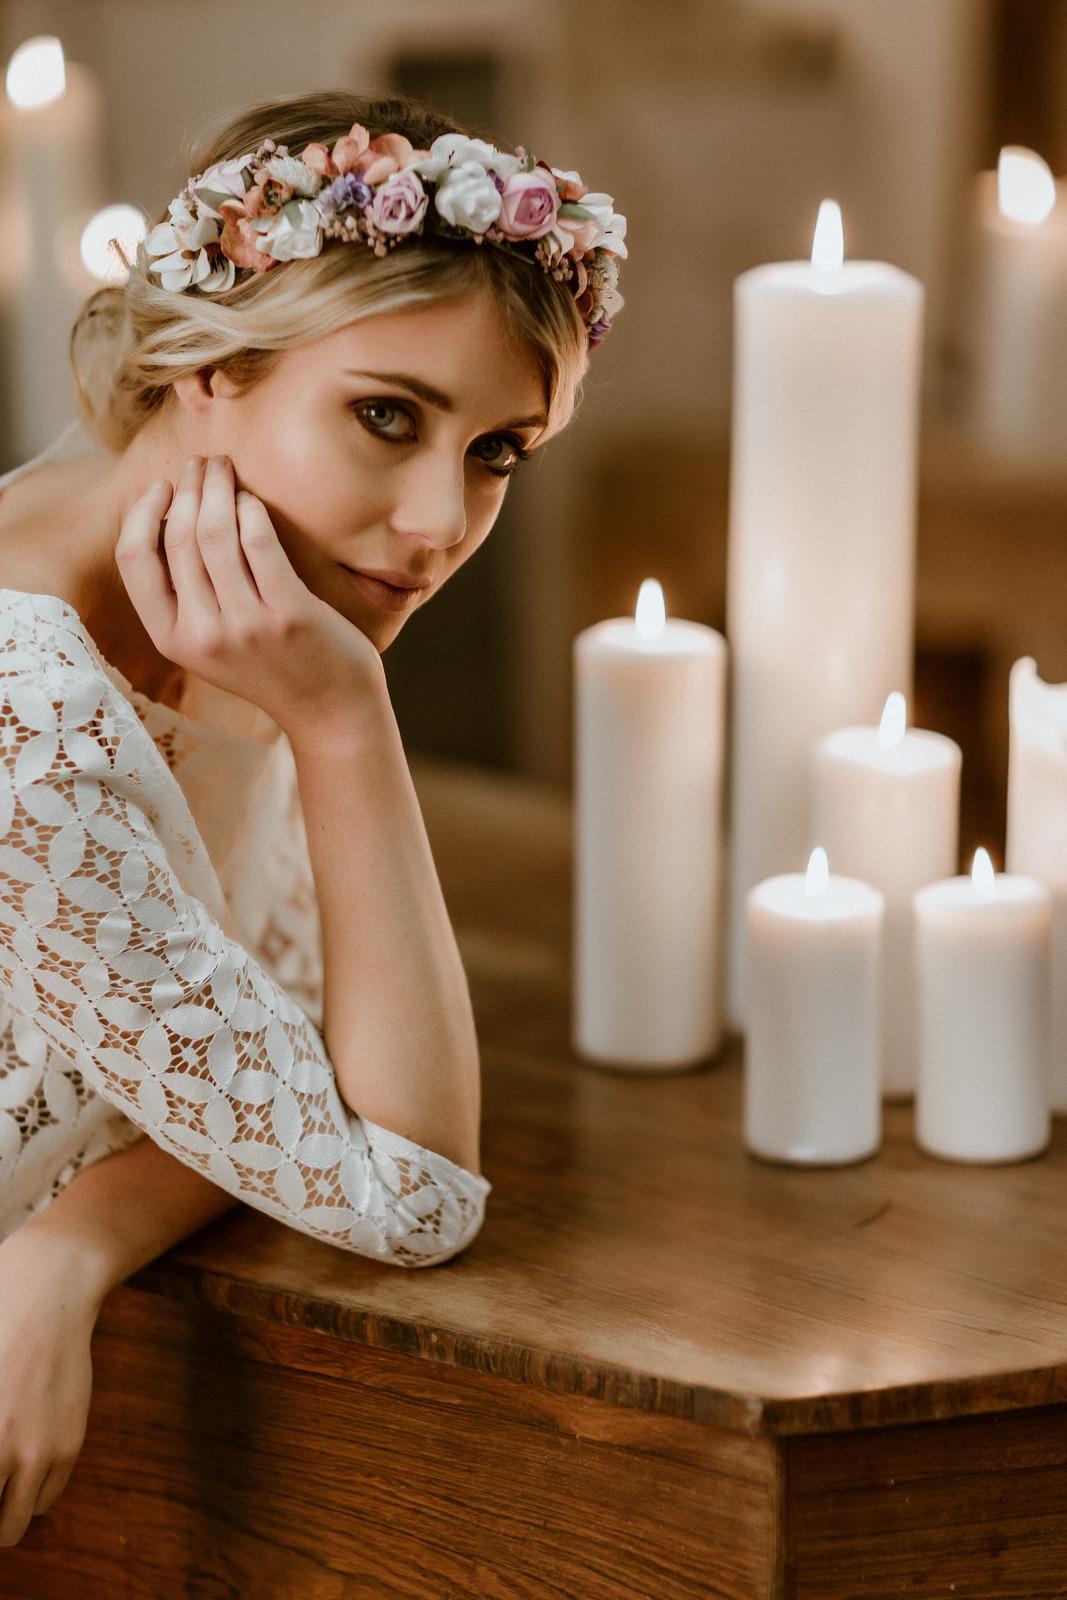 noni Jubiläumskollektion | langes Brautkleid mit Tüllrock in Puderrosa und Spitzentop mit geometrischem Muster (Foto: Le Hai Linh)